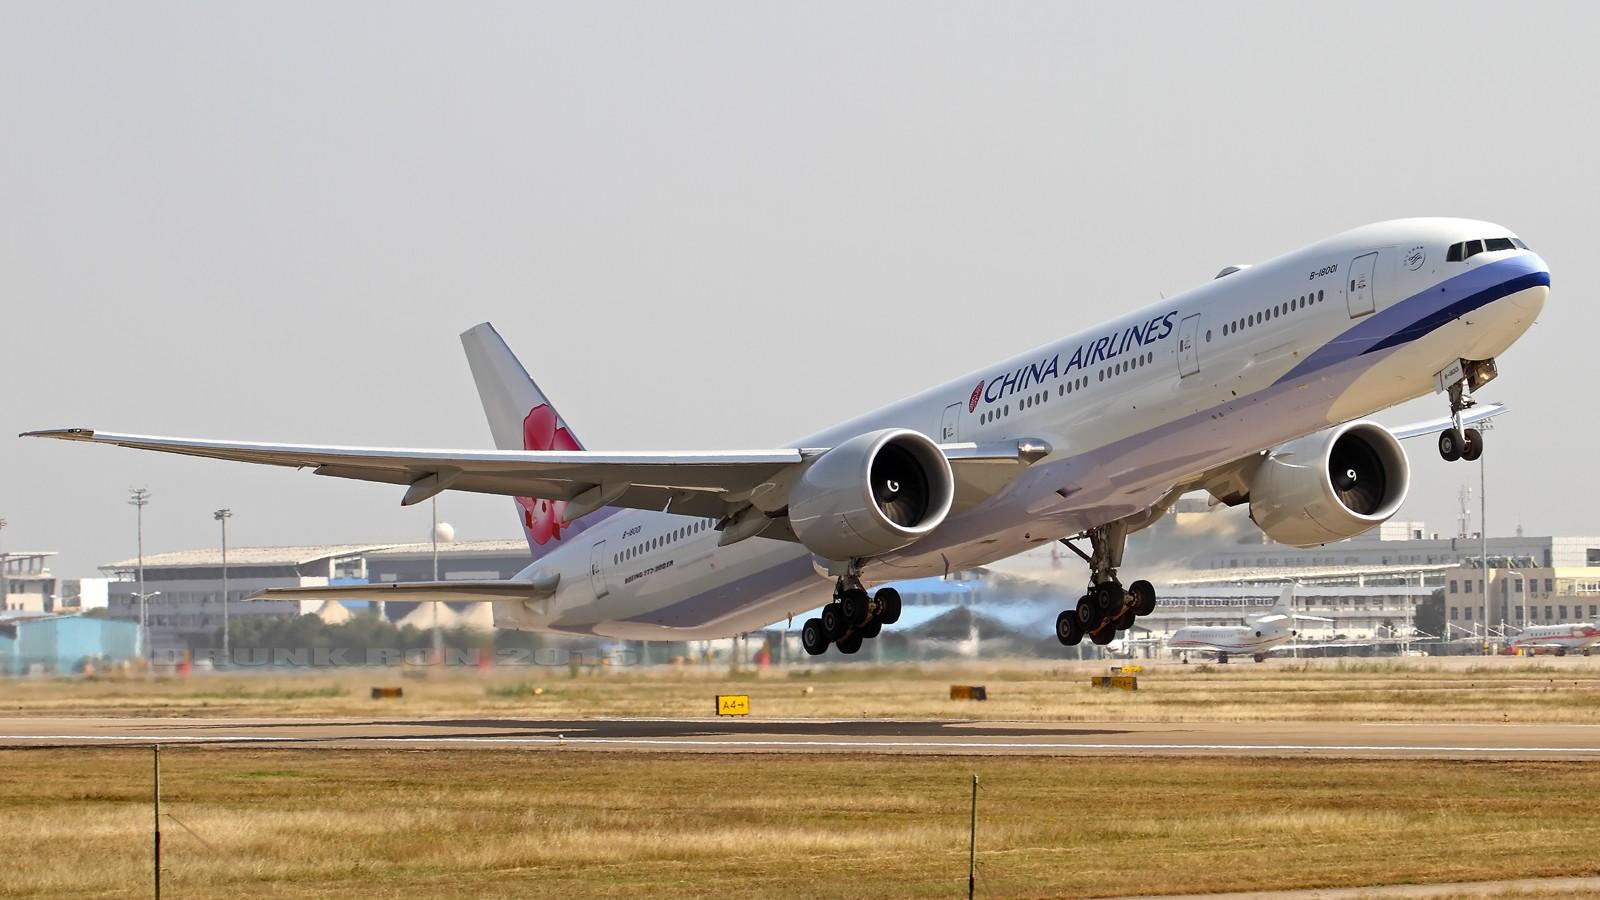 [原创]NKG~头回拍华航77W BOEING 777-300ER B-18001 中国南京禄口国际机场